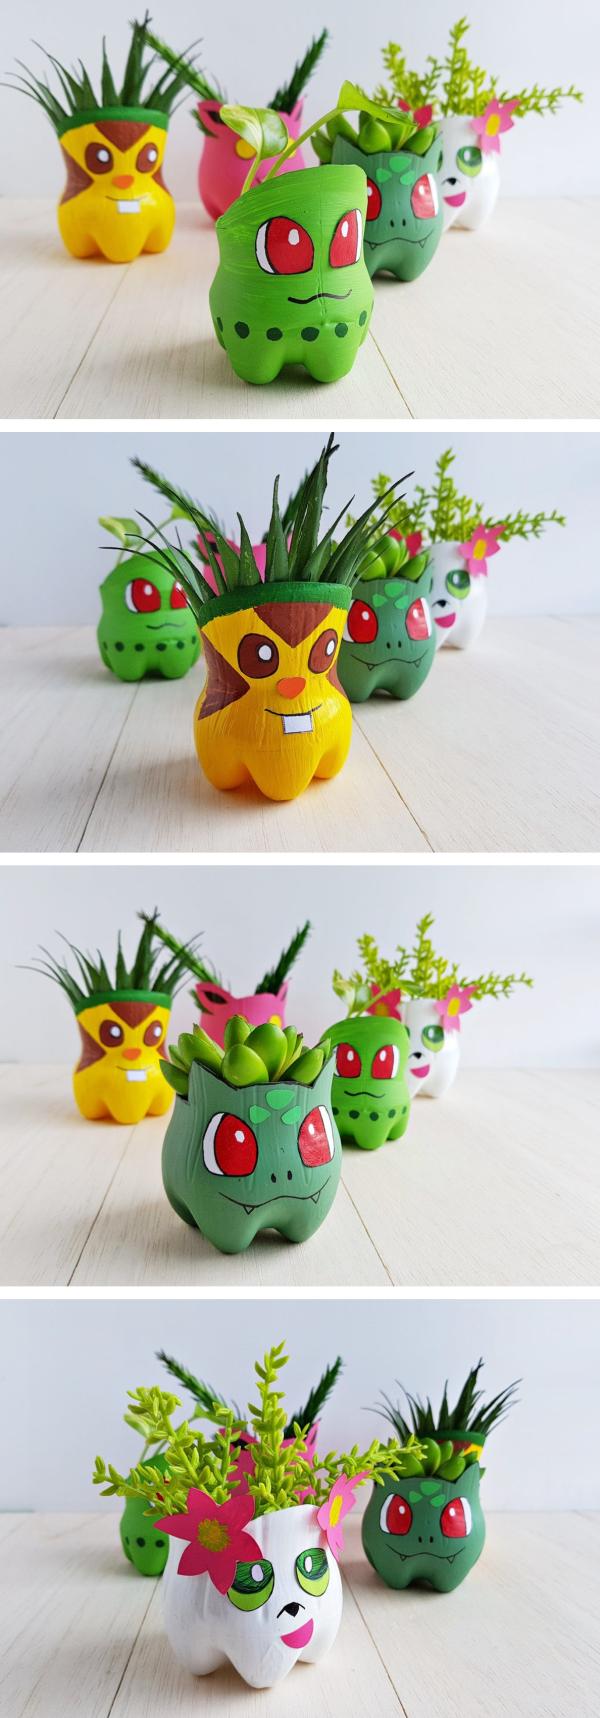 Pokemon basteln mit Kindern – fantastische Ideen und Bastelanleitung plastikflaschen pflanzen blumentopf